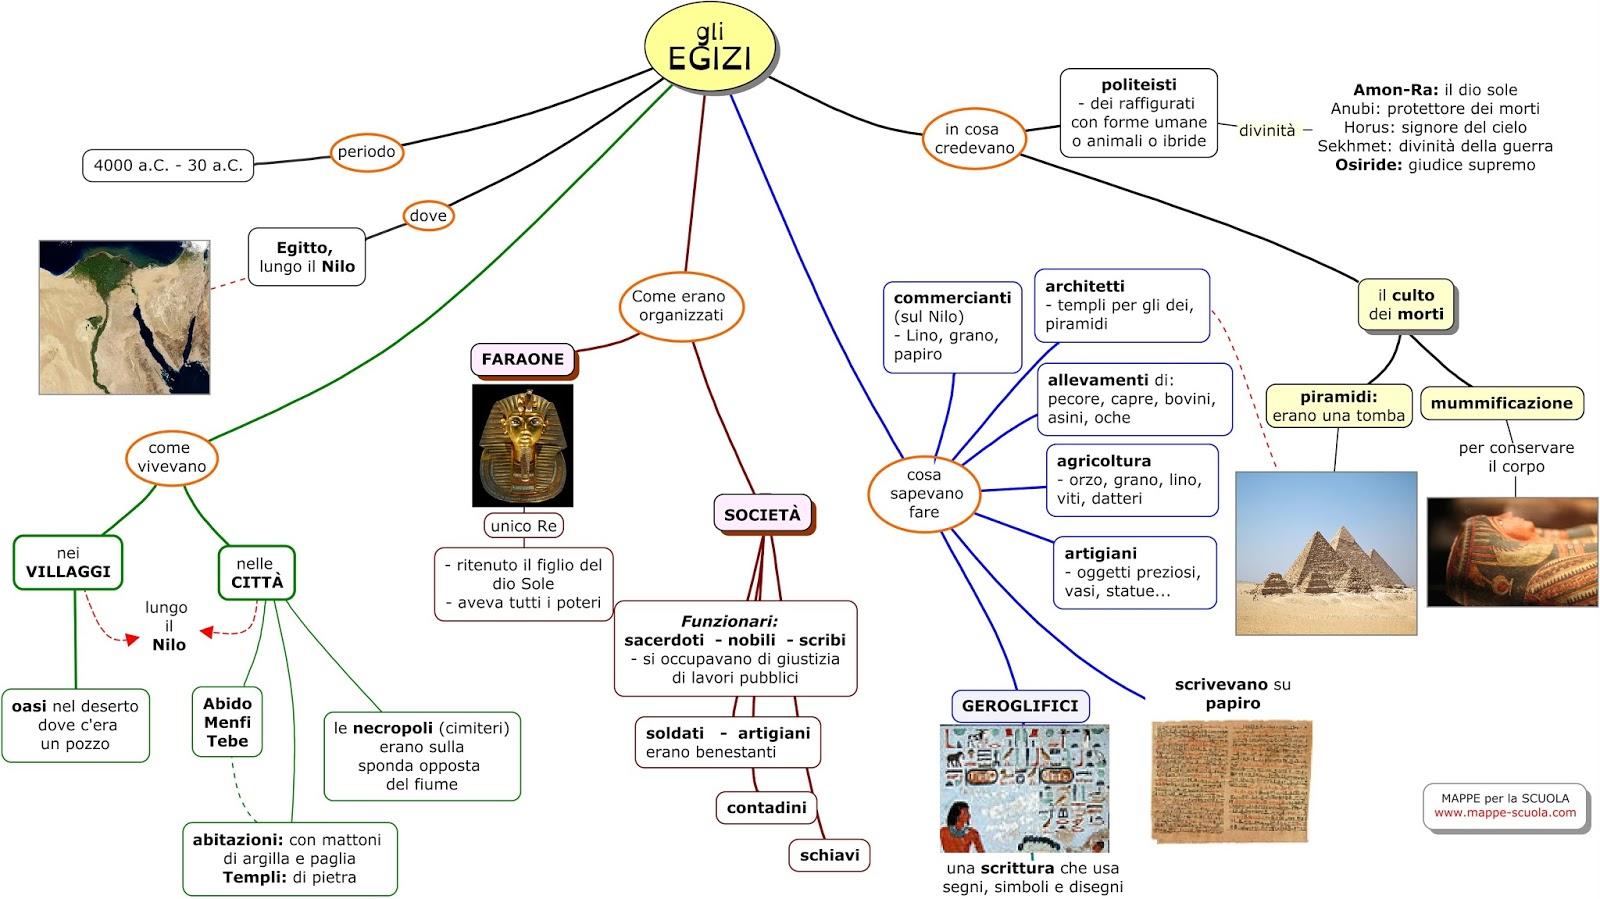 Favorito MAPPE per la SCUOLA: GLI EGIZI II81